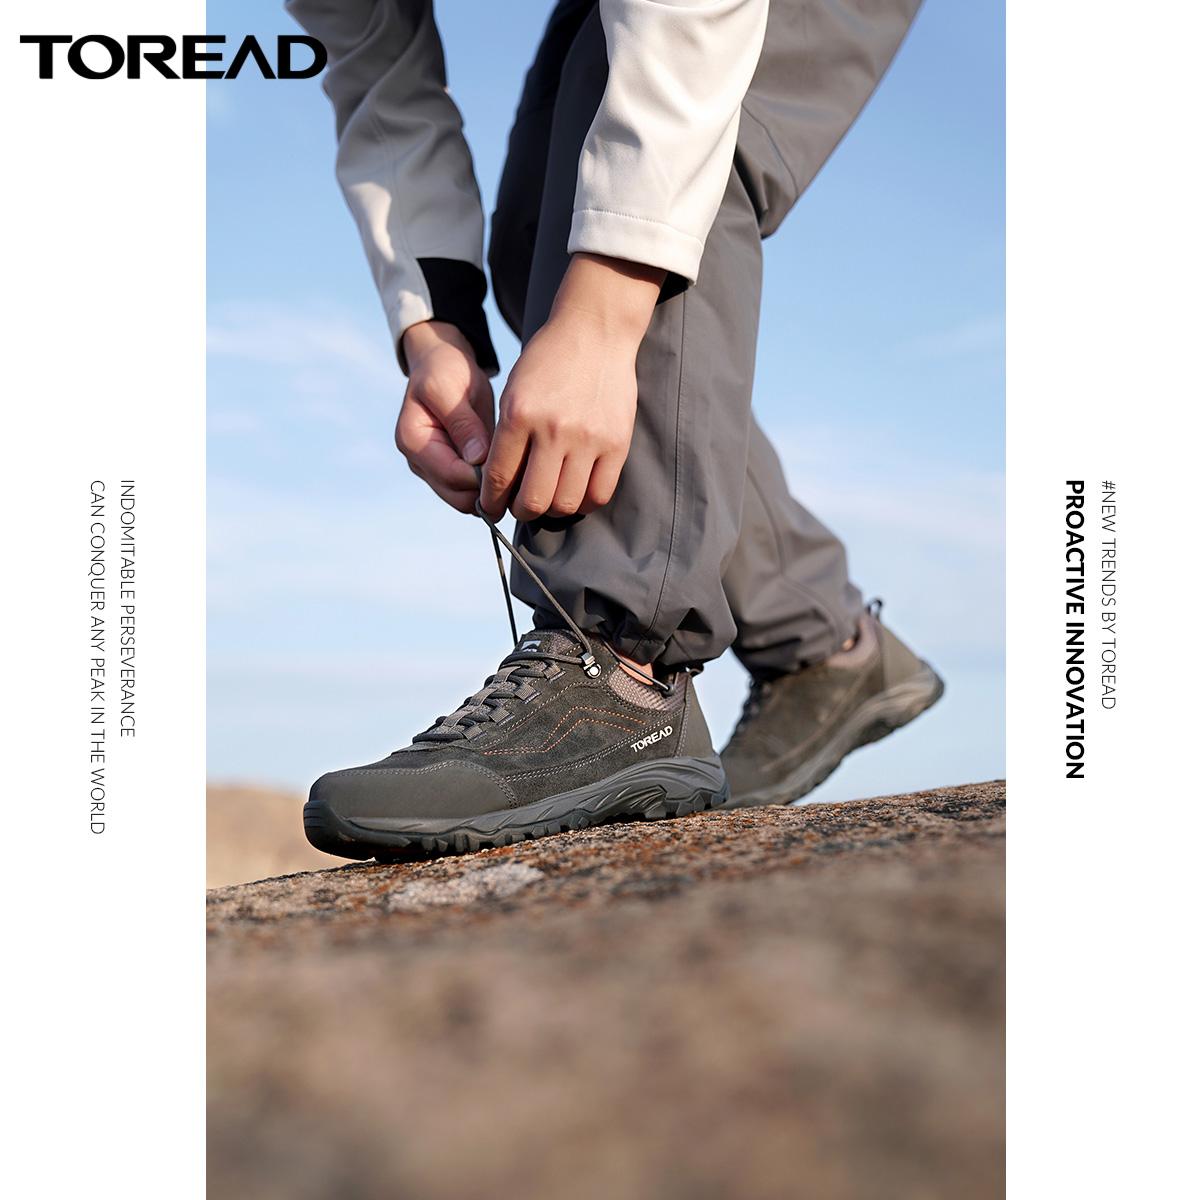 闭眼买:Toread 探路者 TREKKING徒步系列 情侣运动登山鞋 36-45码 T精选 189元(补贴后168.59元)